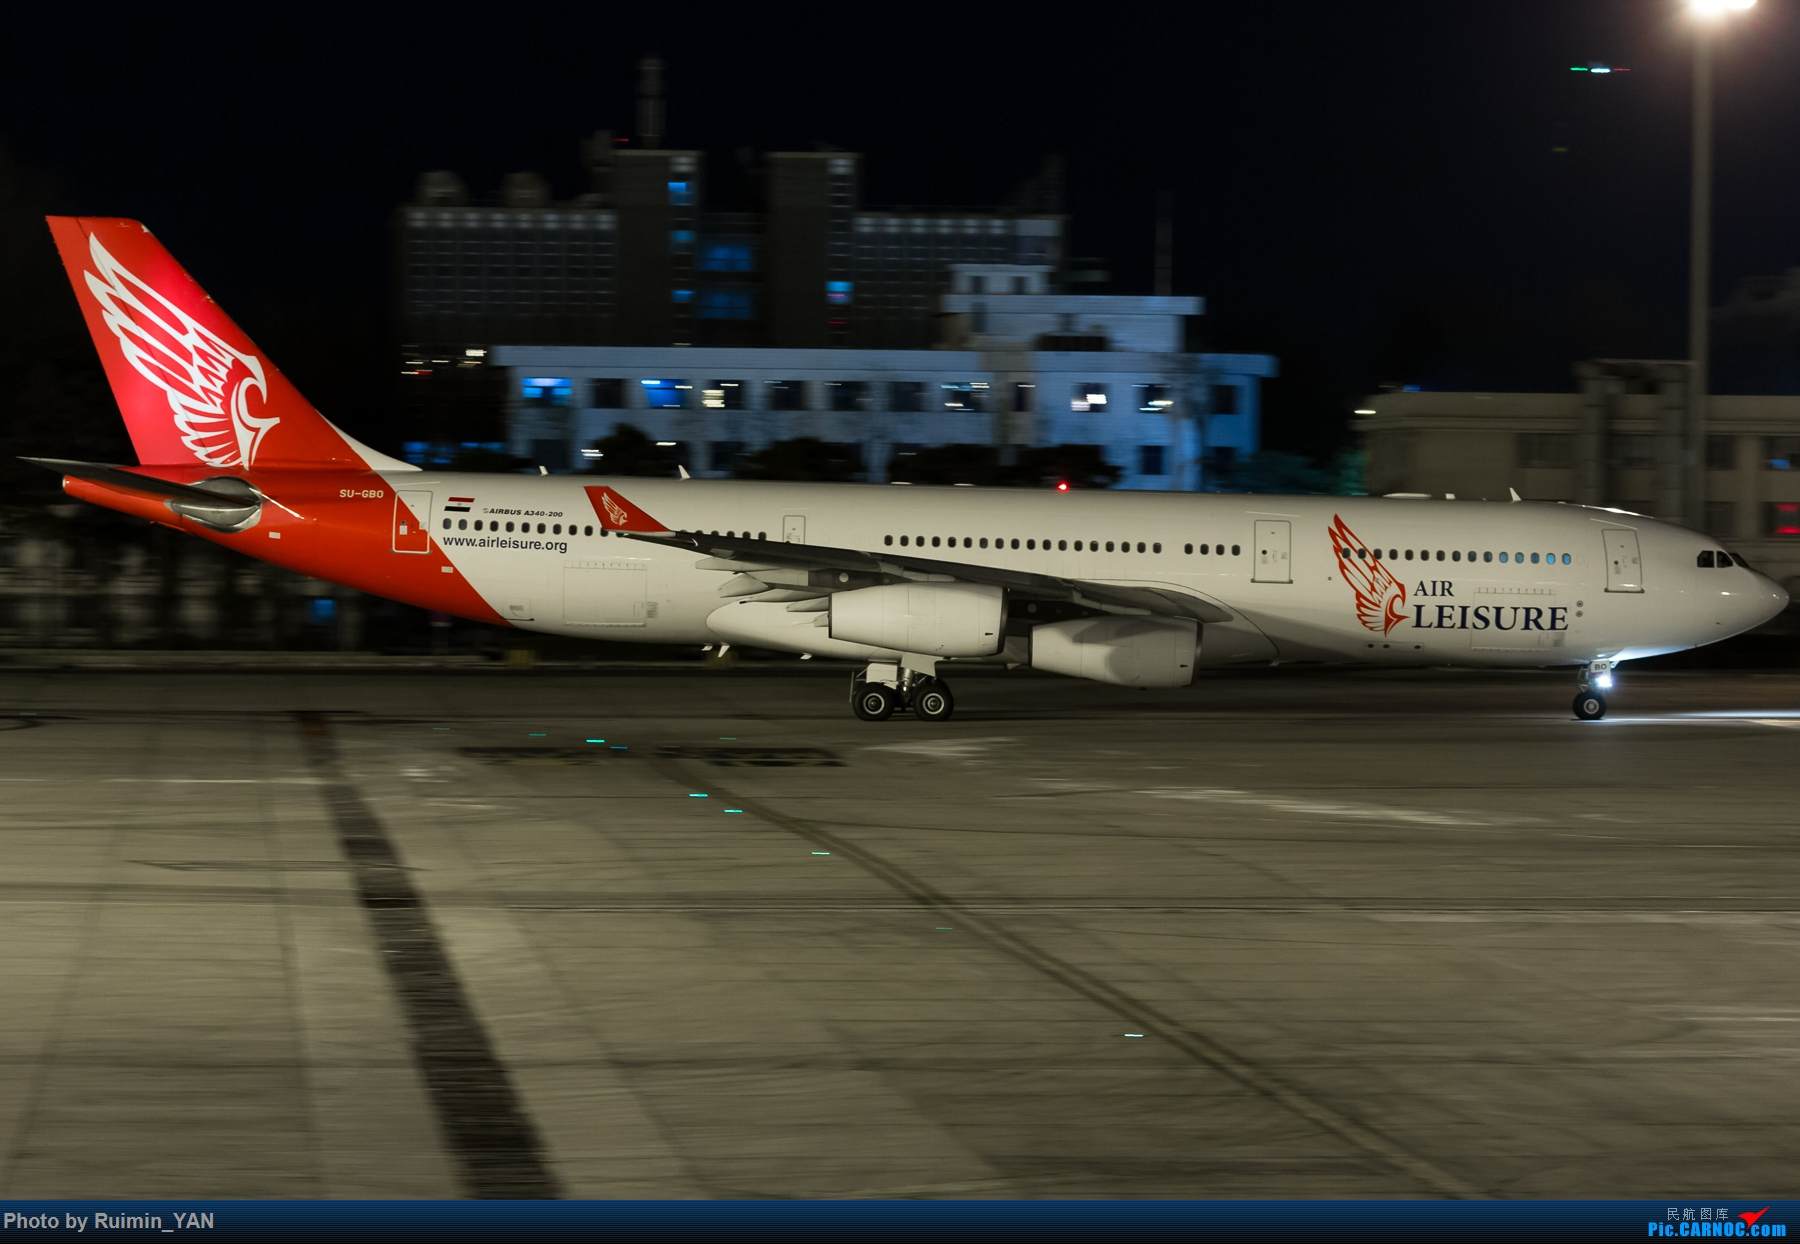 [原创]【PEK飞友会】晴天版:大晚点的埃及休闲342 AIRBUS A340-200 SU-GBO 中国北京首都国际机场